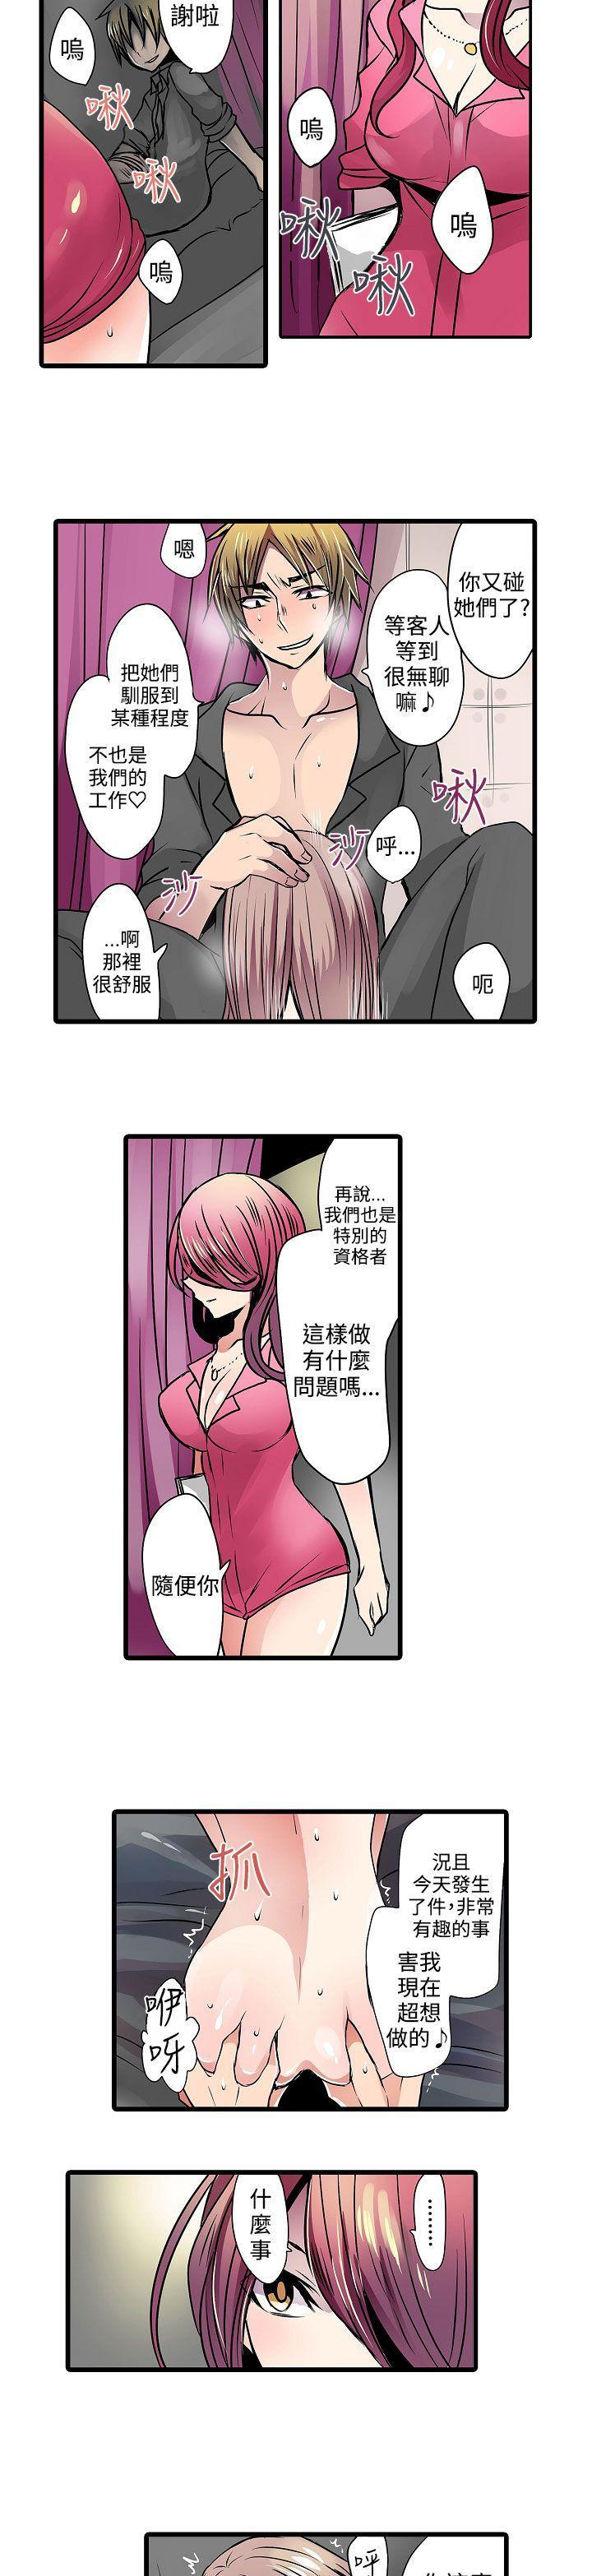 凌辱贩卖机-第12话全彩韩漫标签